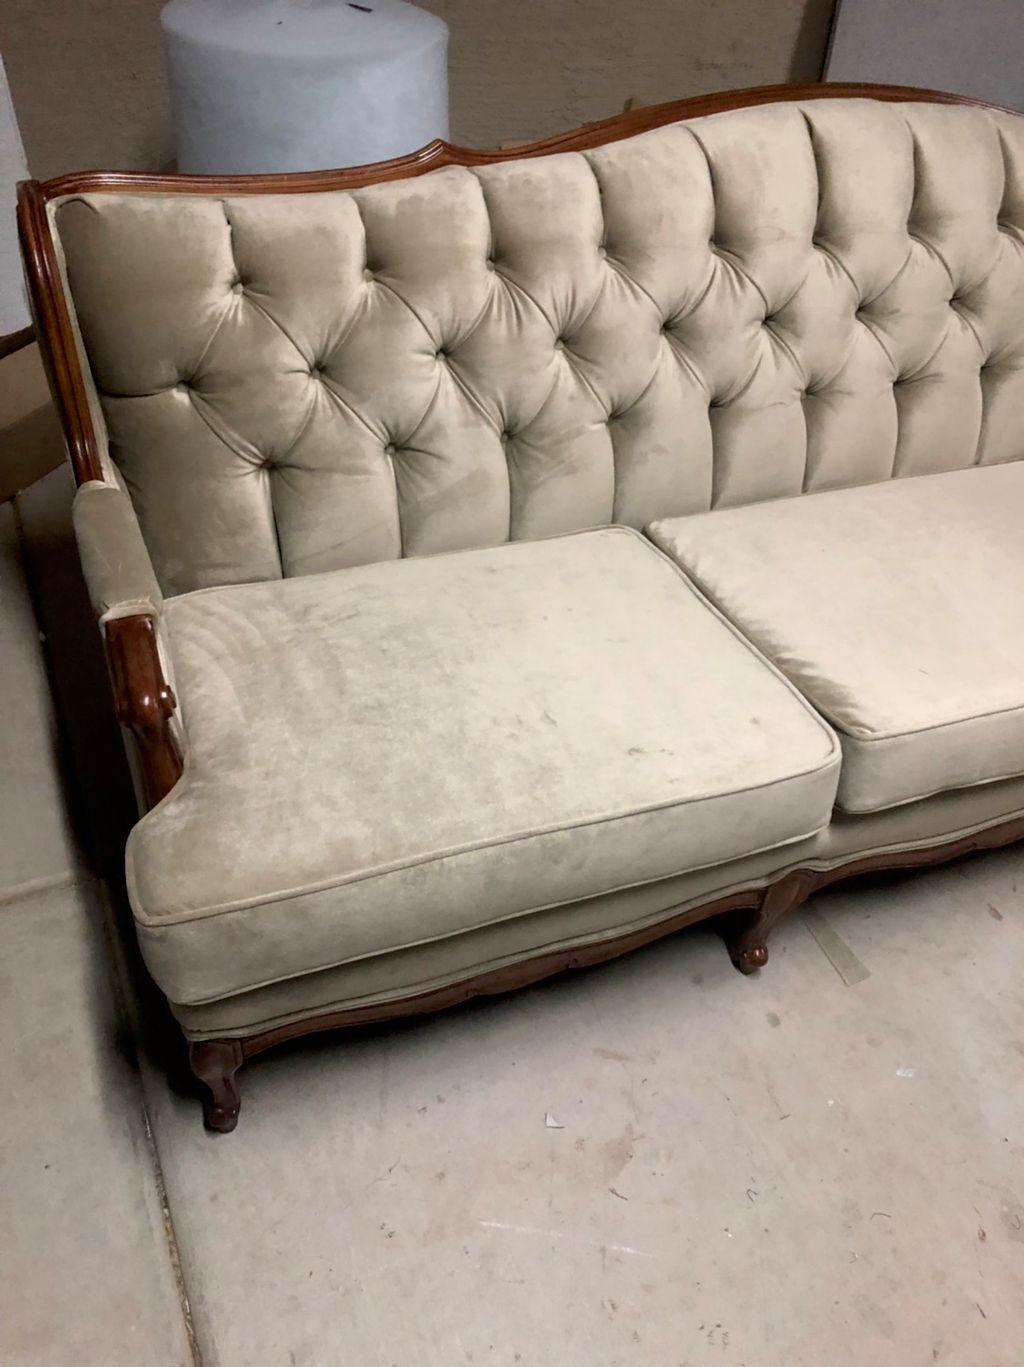 Valenzuela's Upholstery